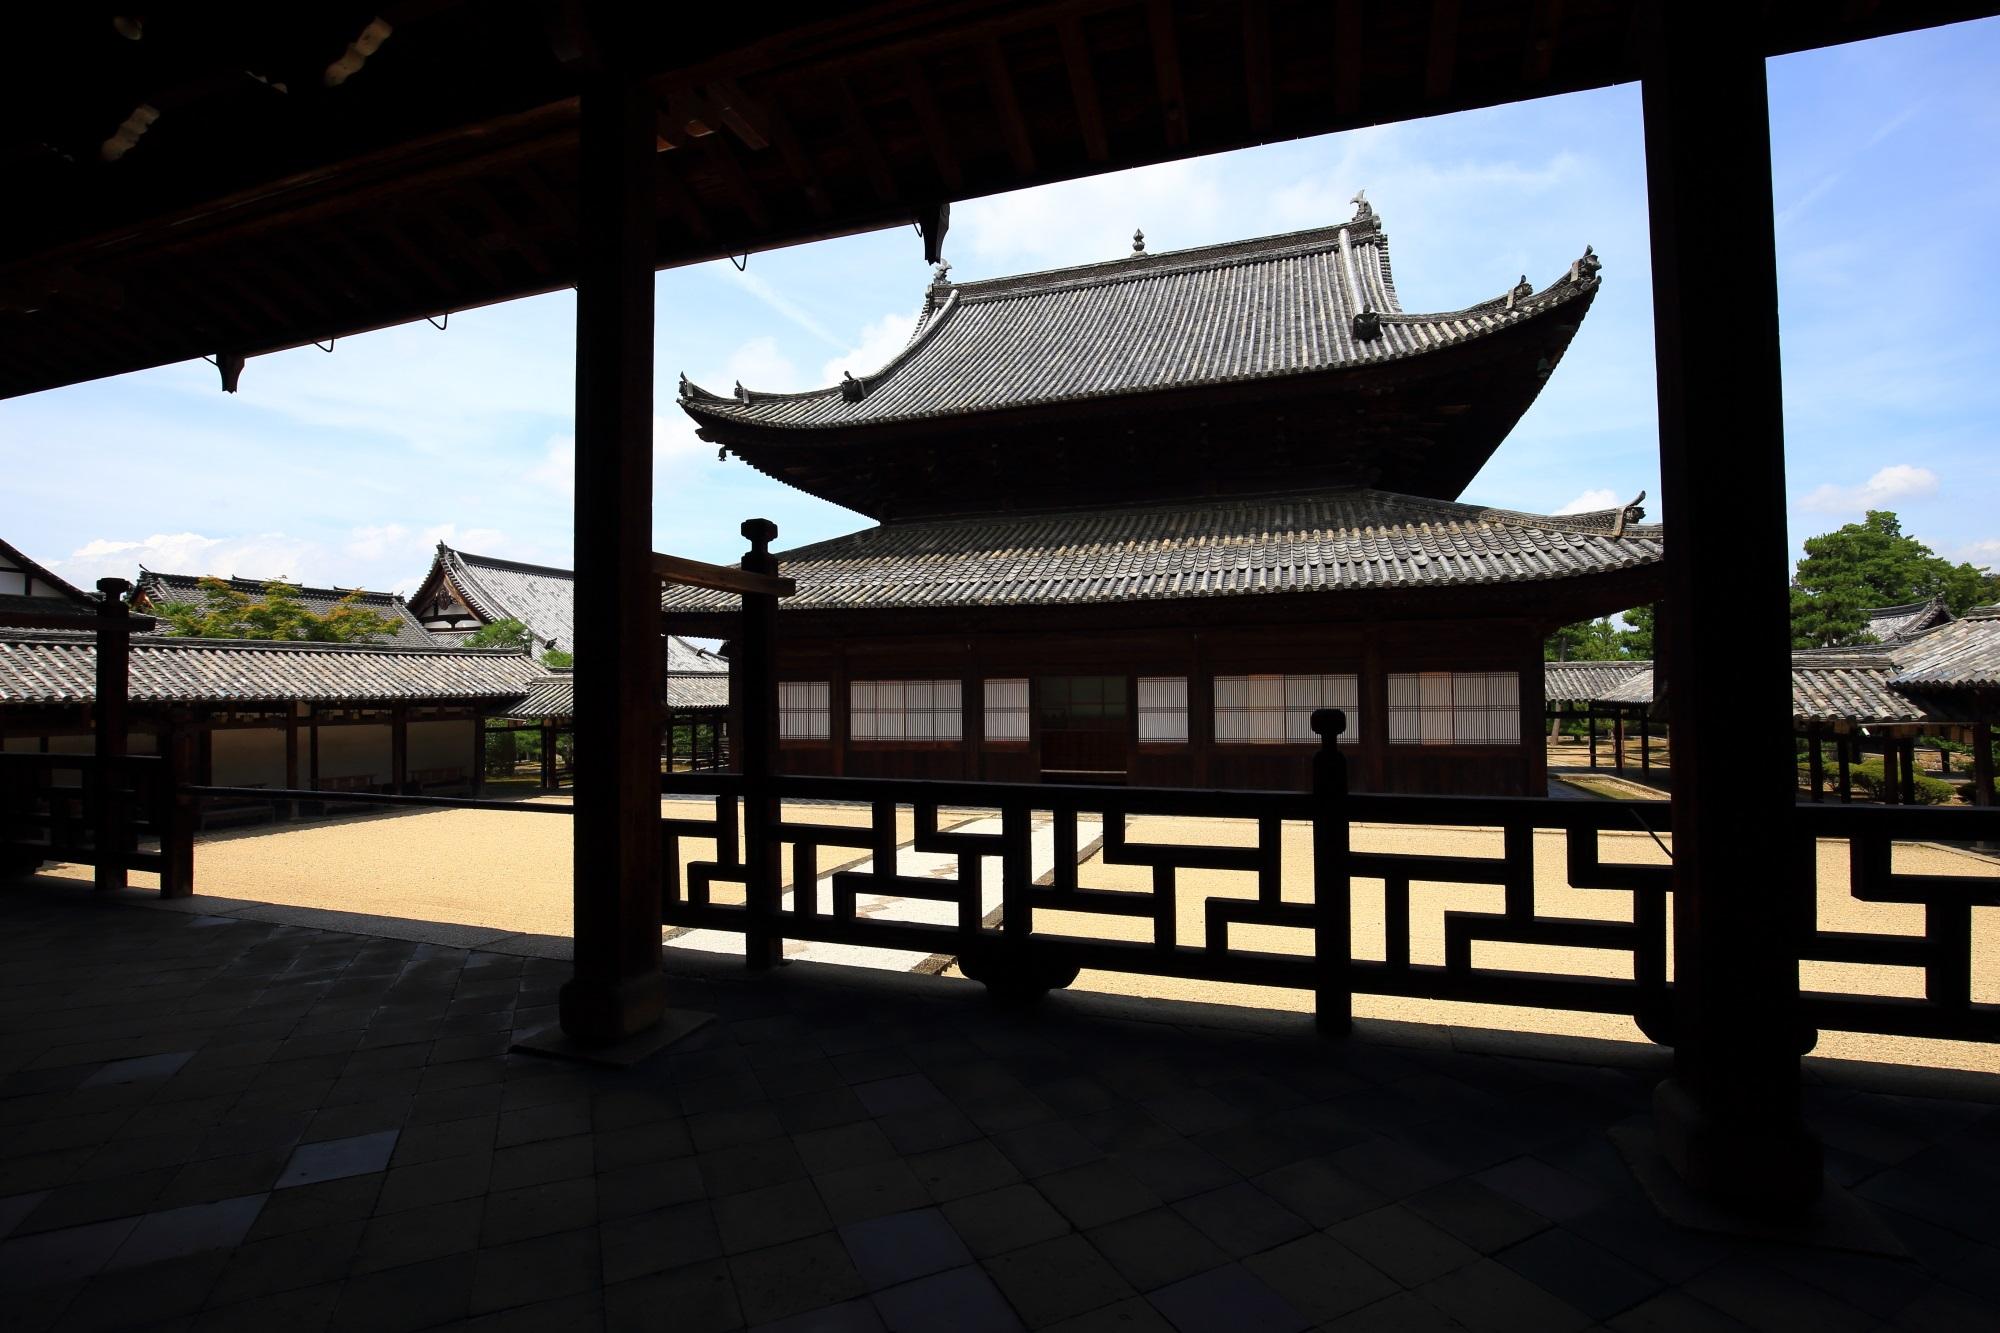 萬福寺の法堂から眺めた大雄宝殿と特徴的な形をした格子